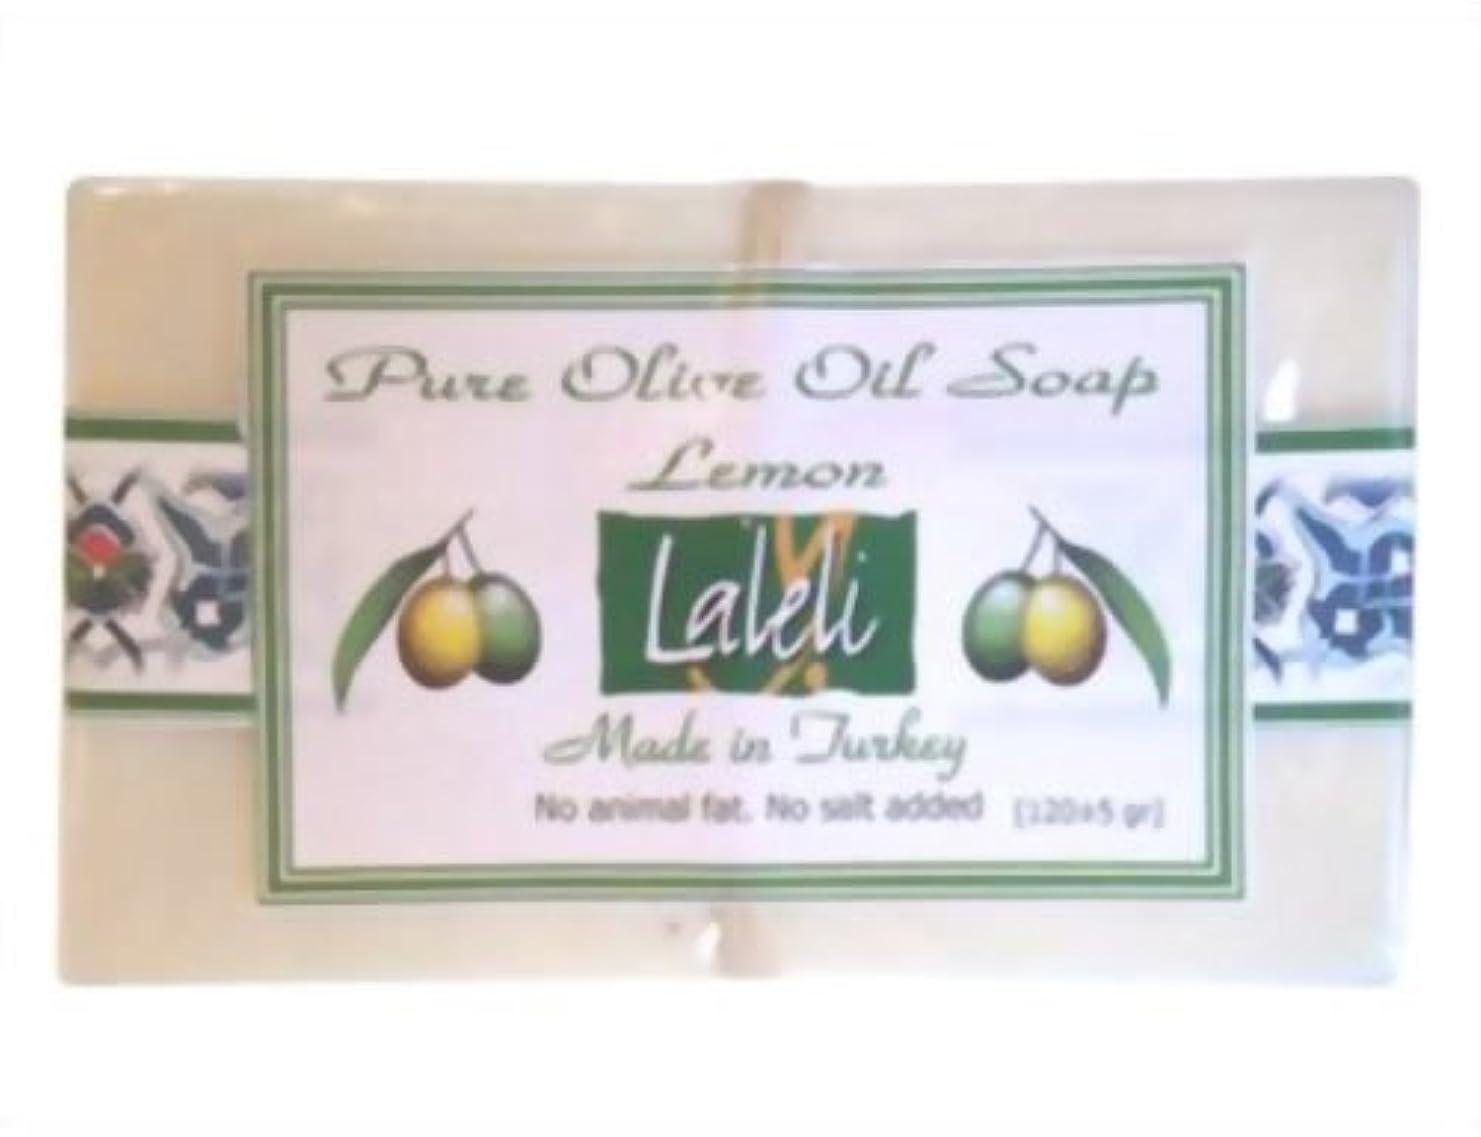 注文フォアマンがんばり続けるラーレリ オリーブオイルソープ レモン 120g